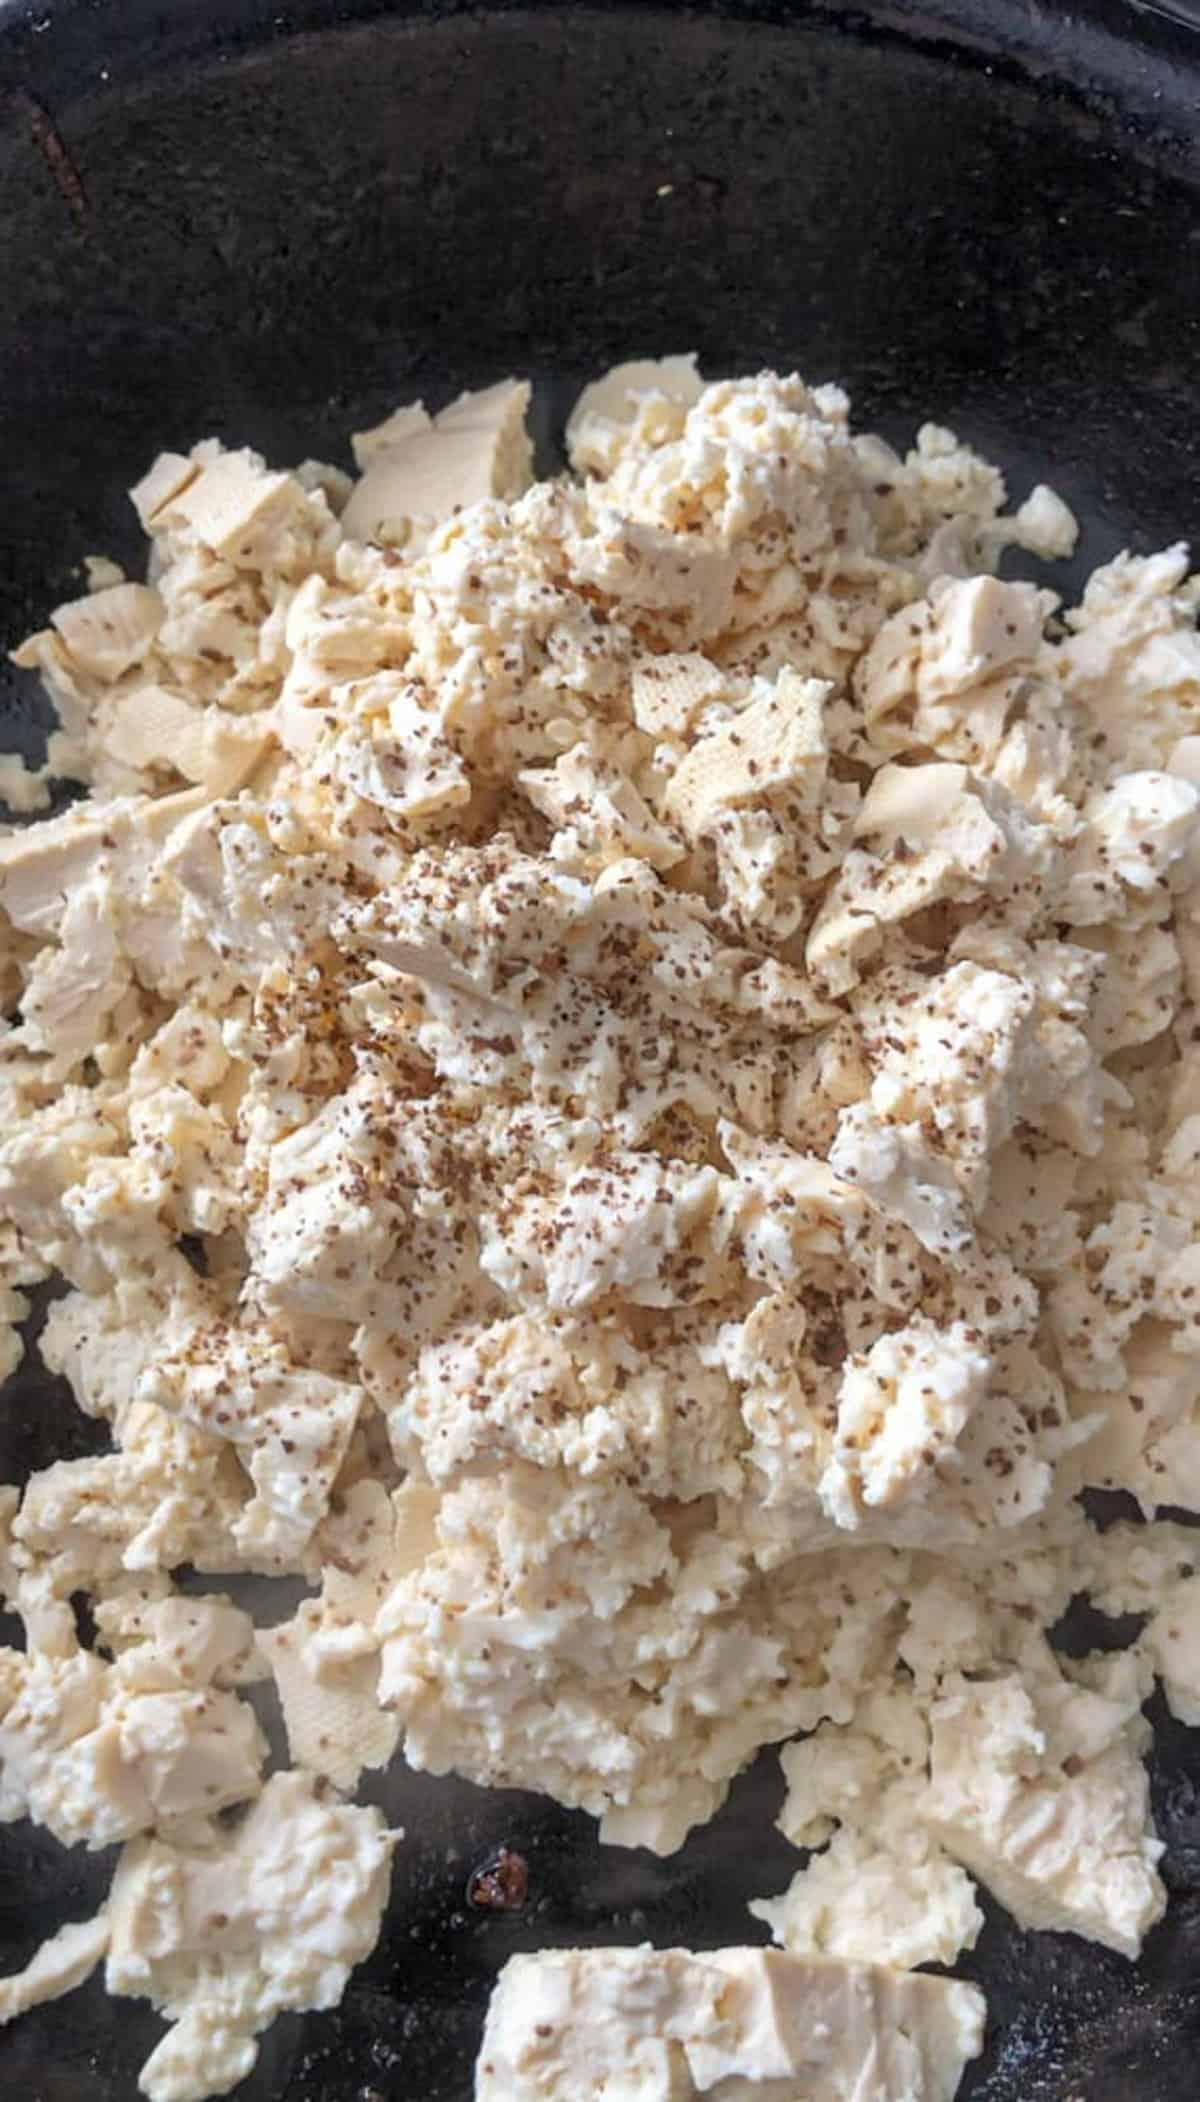 Tofu scramble in a skillet.